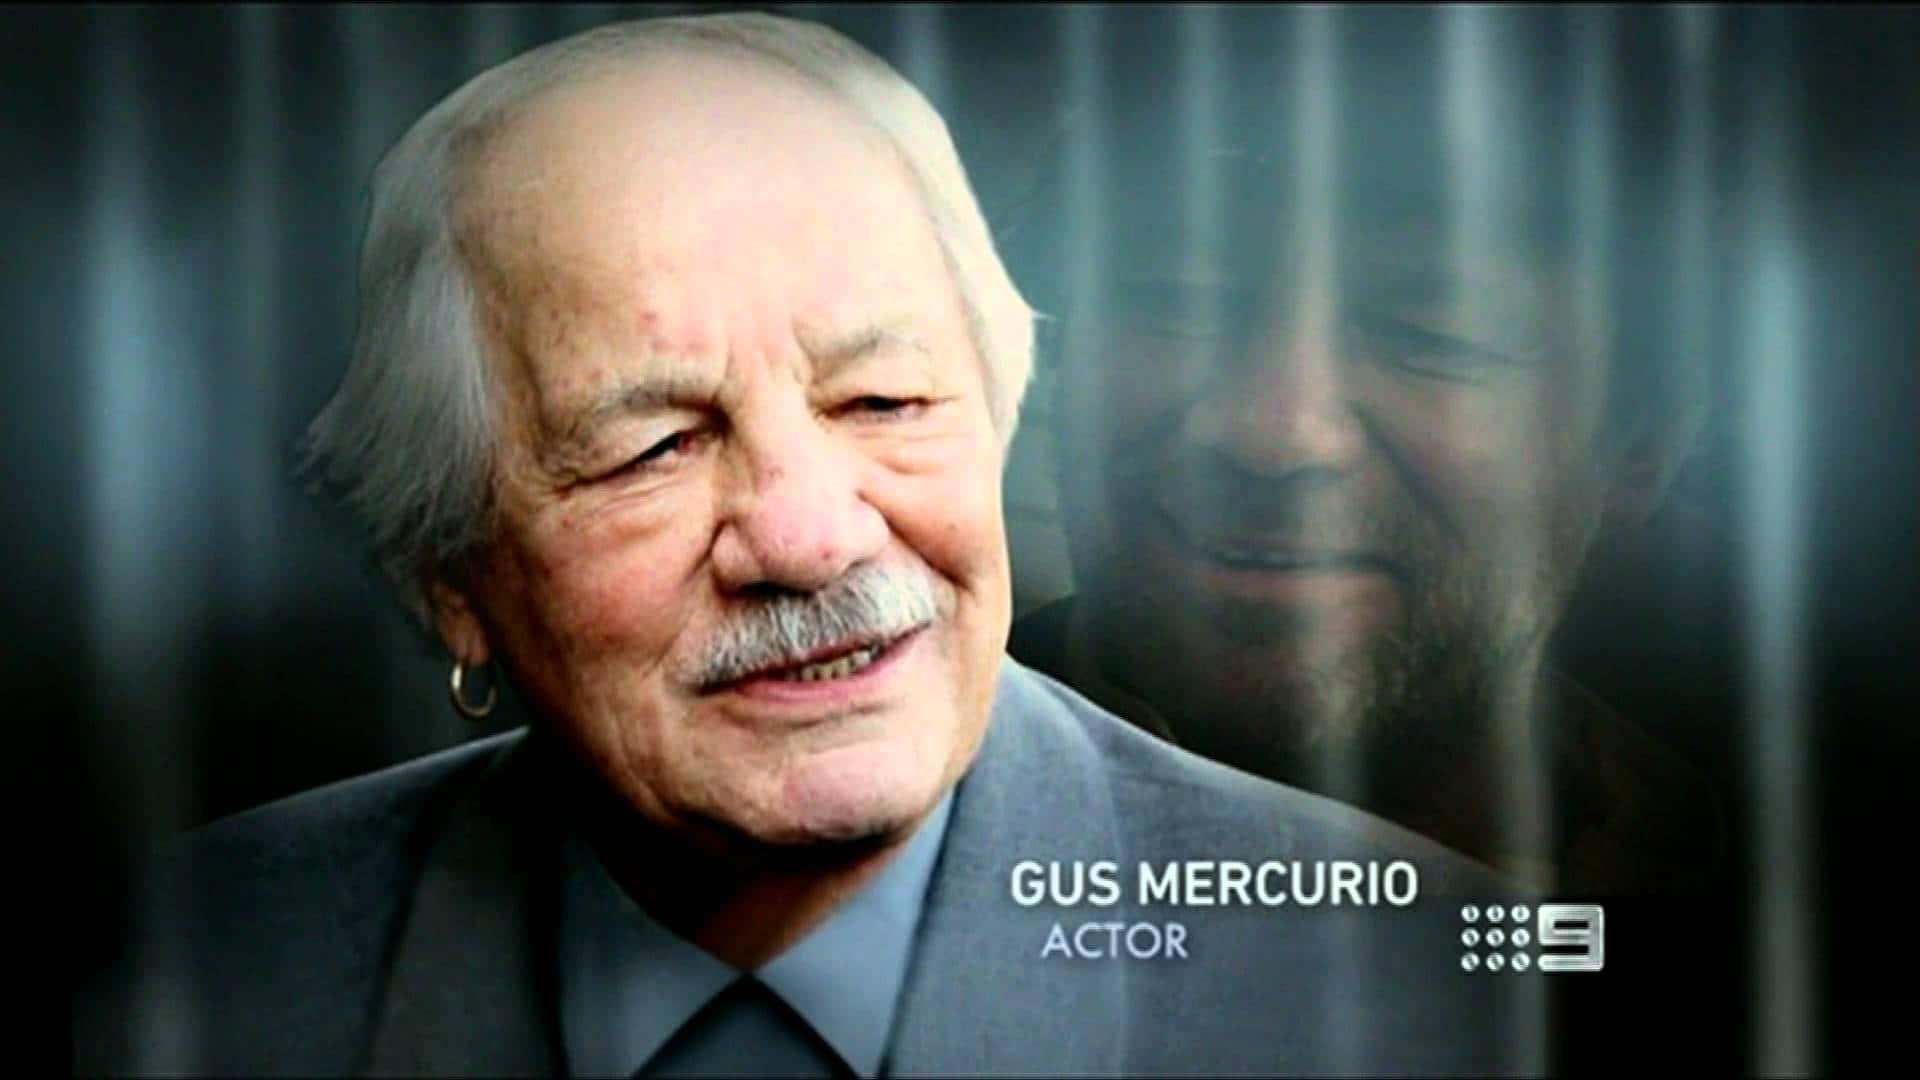 Gus Mercurio